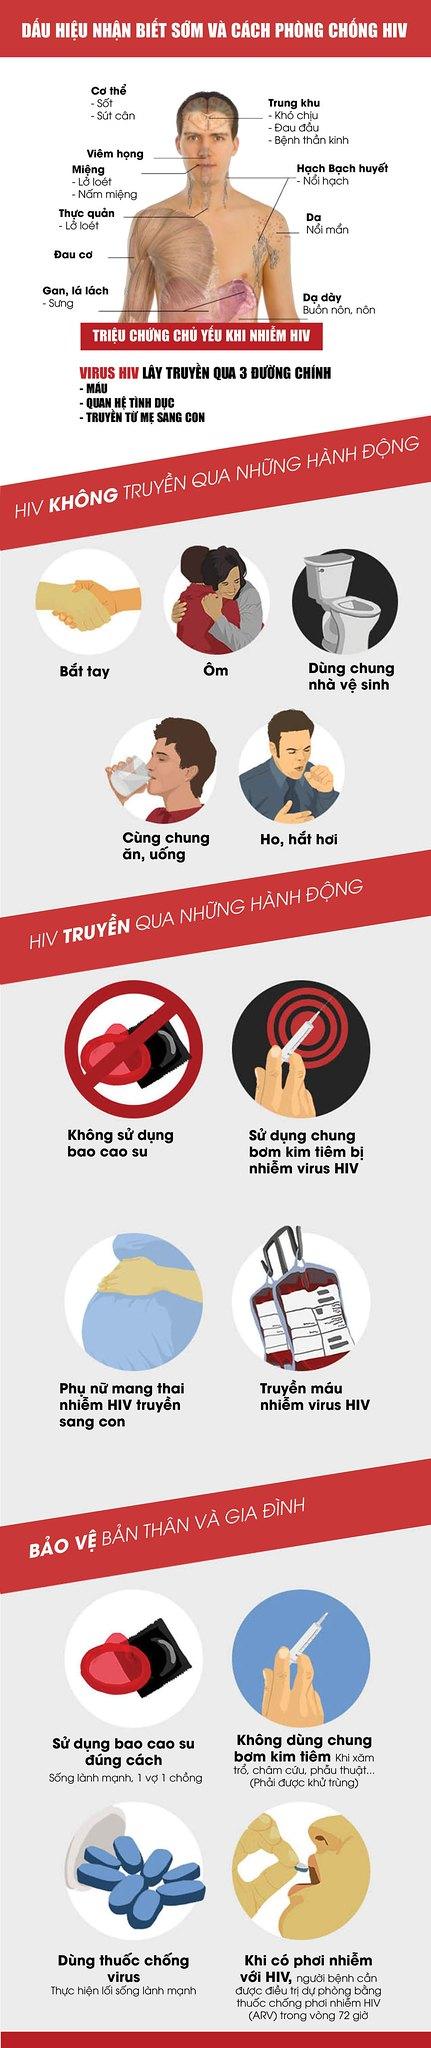 dau hieu nhan biet HIV - trangtinphphapluat